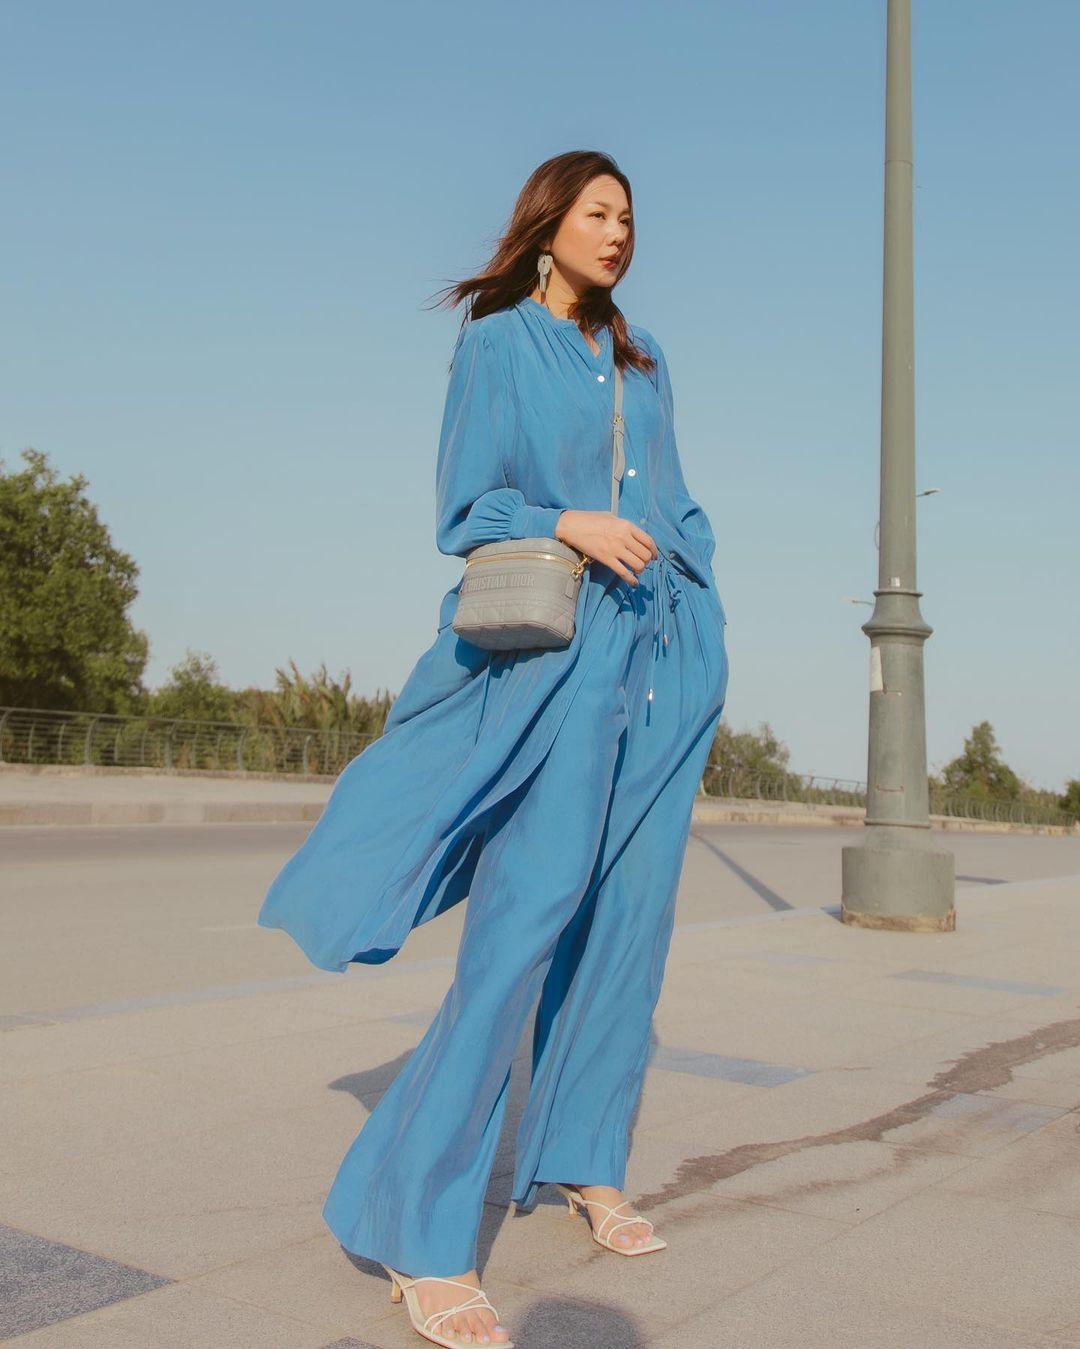 Thanh Hằng mới cập nhật một loạt outfit mùa Hè xinh ngây ngất, nàng 30  học theo thì đảm bảo trẻ trung mà vẫn thanh lịch - Ảnh 3.